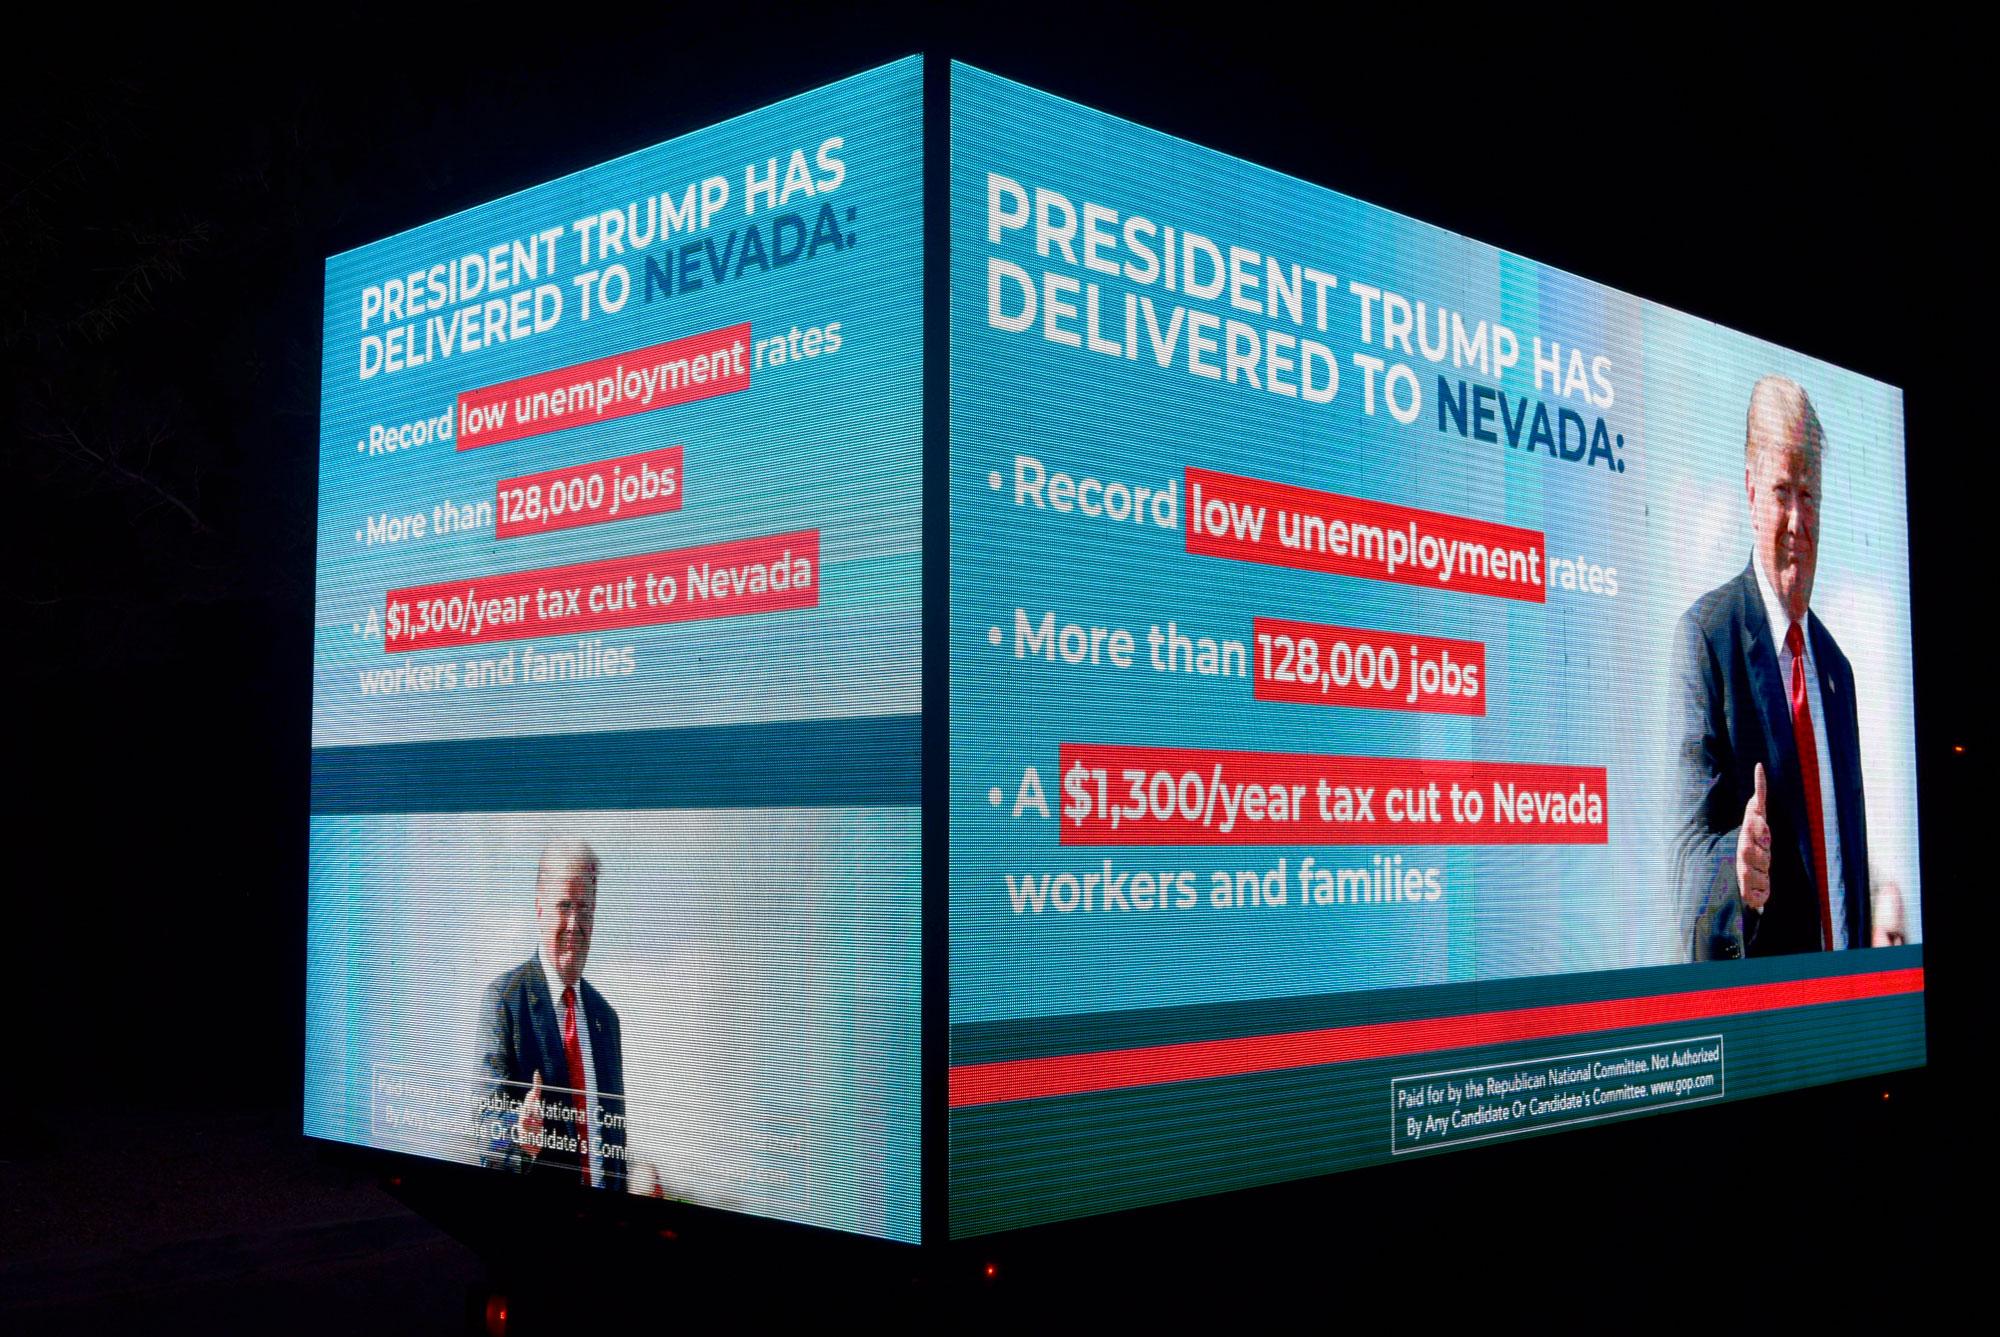 A pro-Trump digital billboard